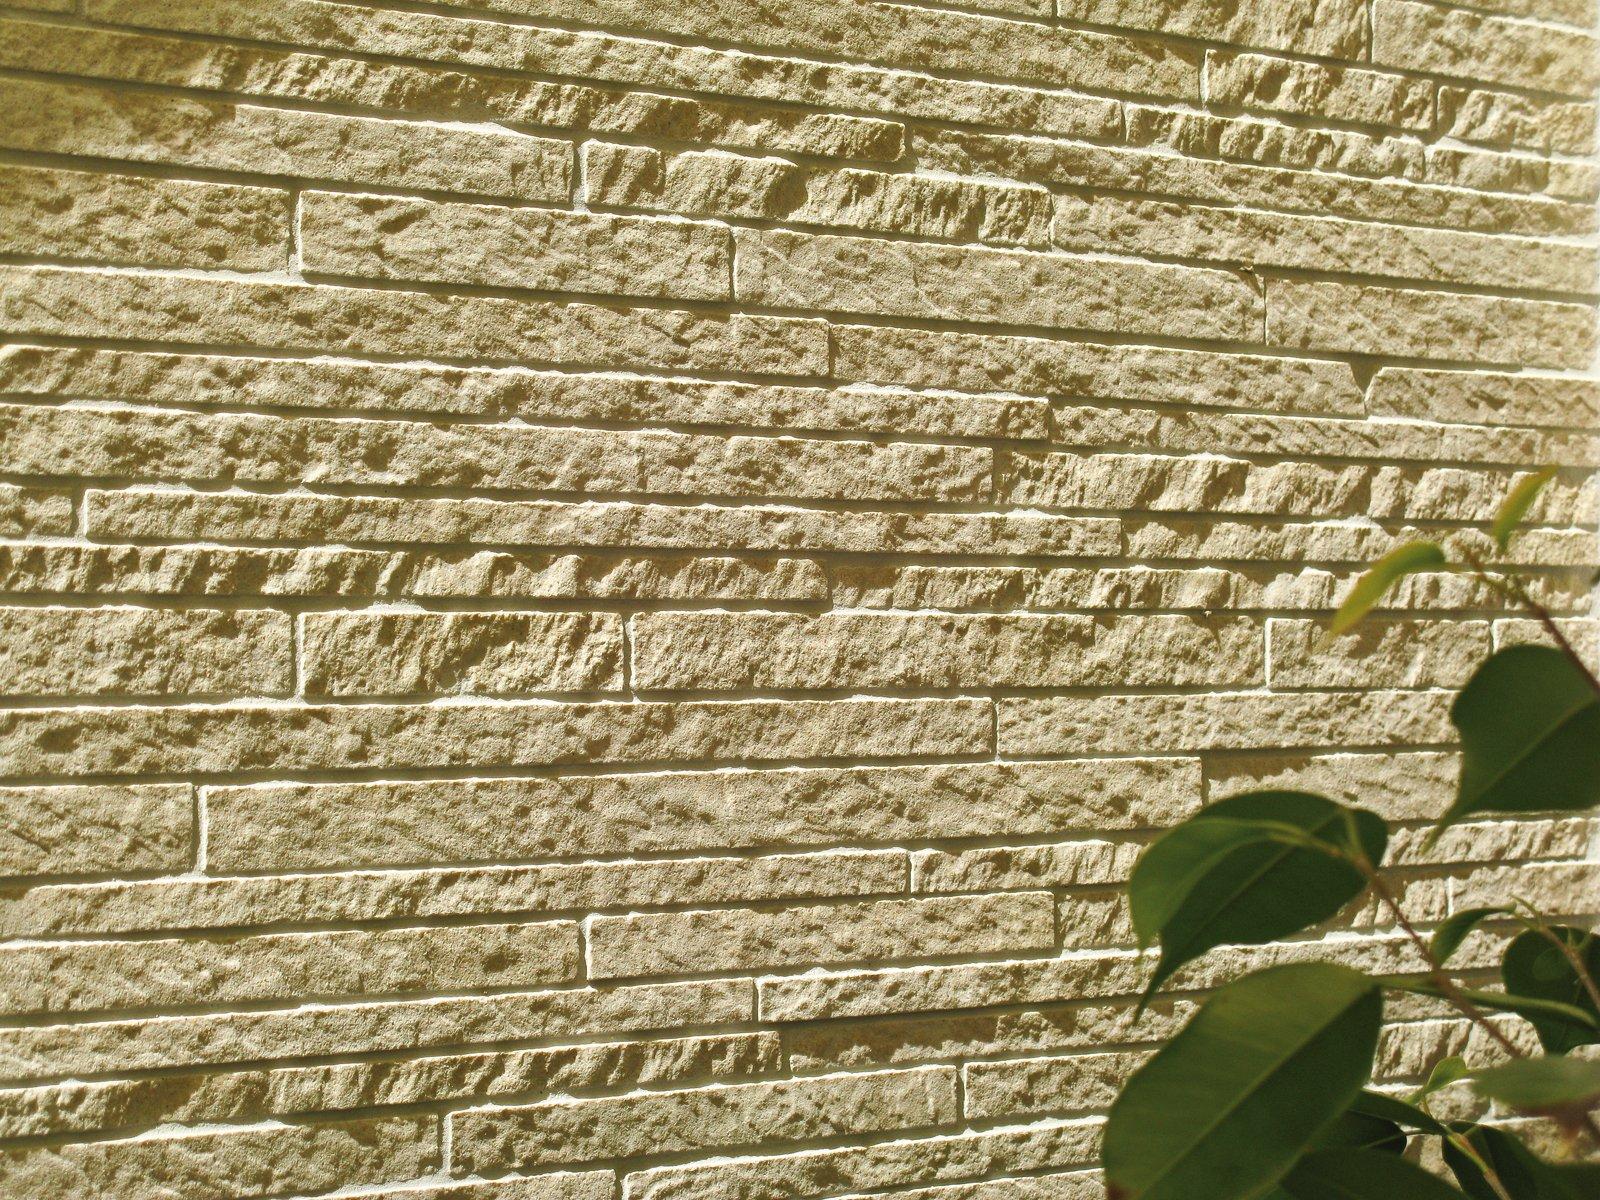 piastrelle adesive effetto pietra: tiarch.com bagno mattonelle. - Piastrelle Adesive Da Muro